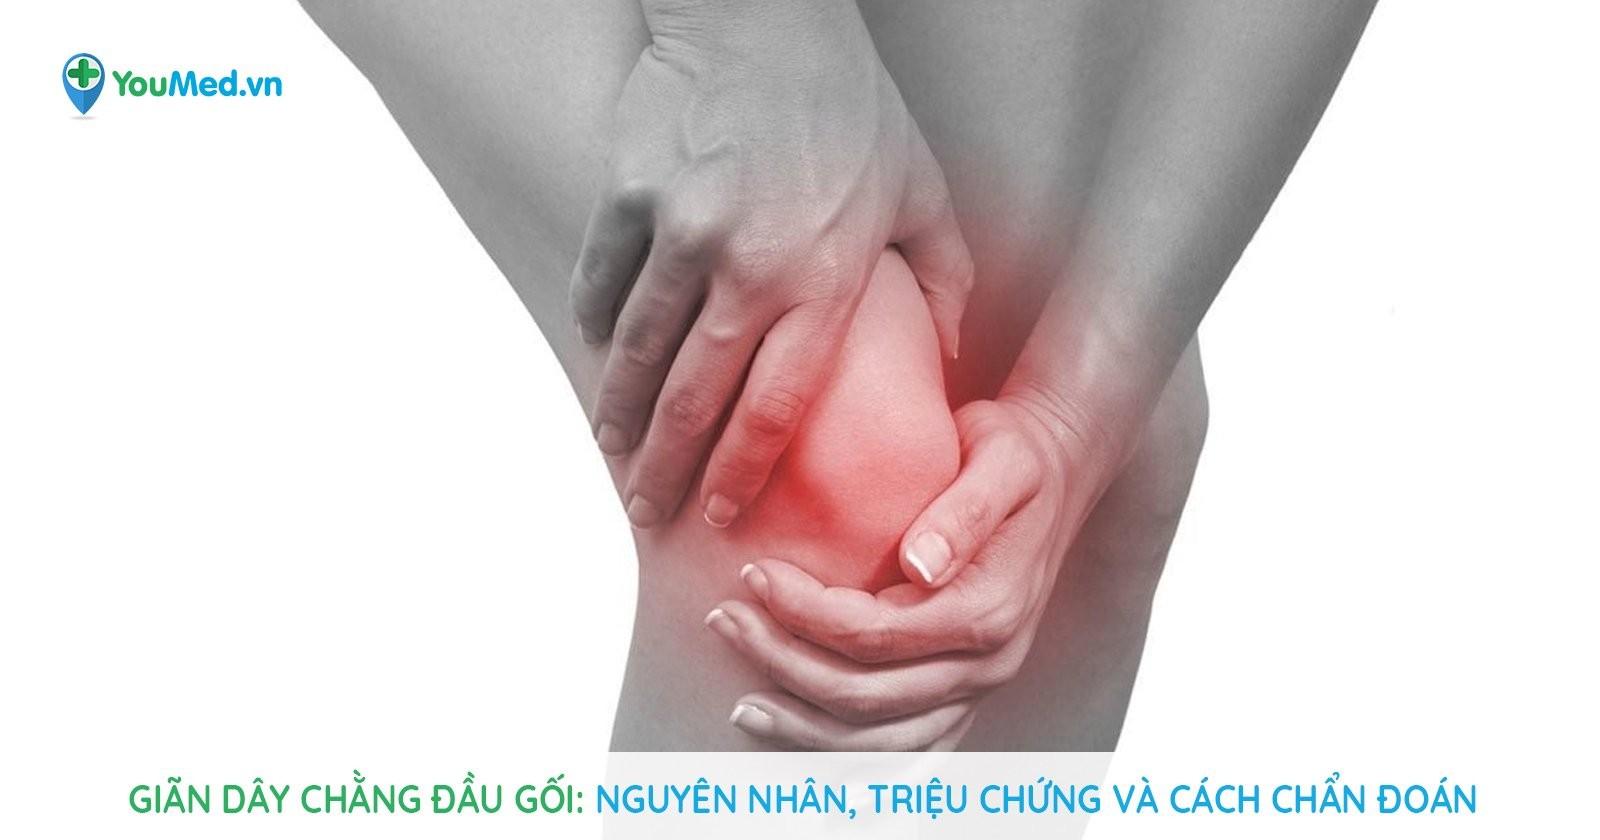 Giãn dây chằng đầu gối: Nguyên nhân, triệu chứng và cách chẩn đoán